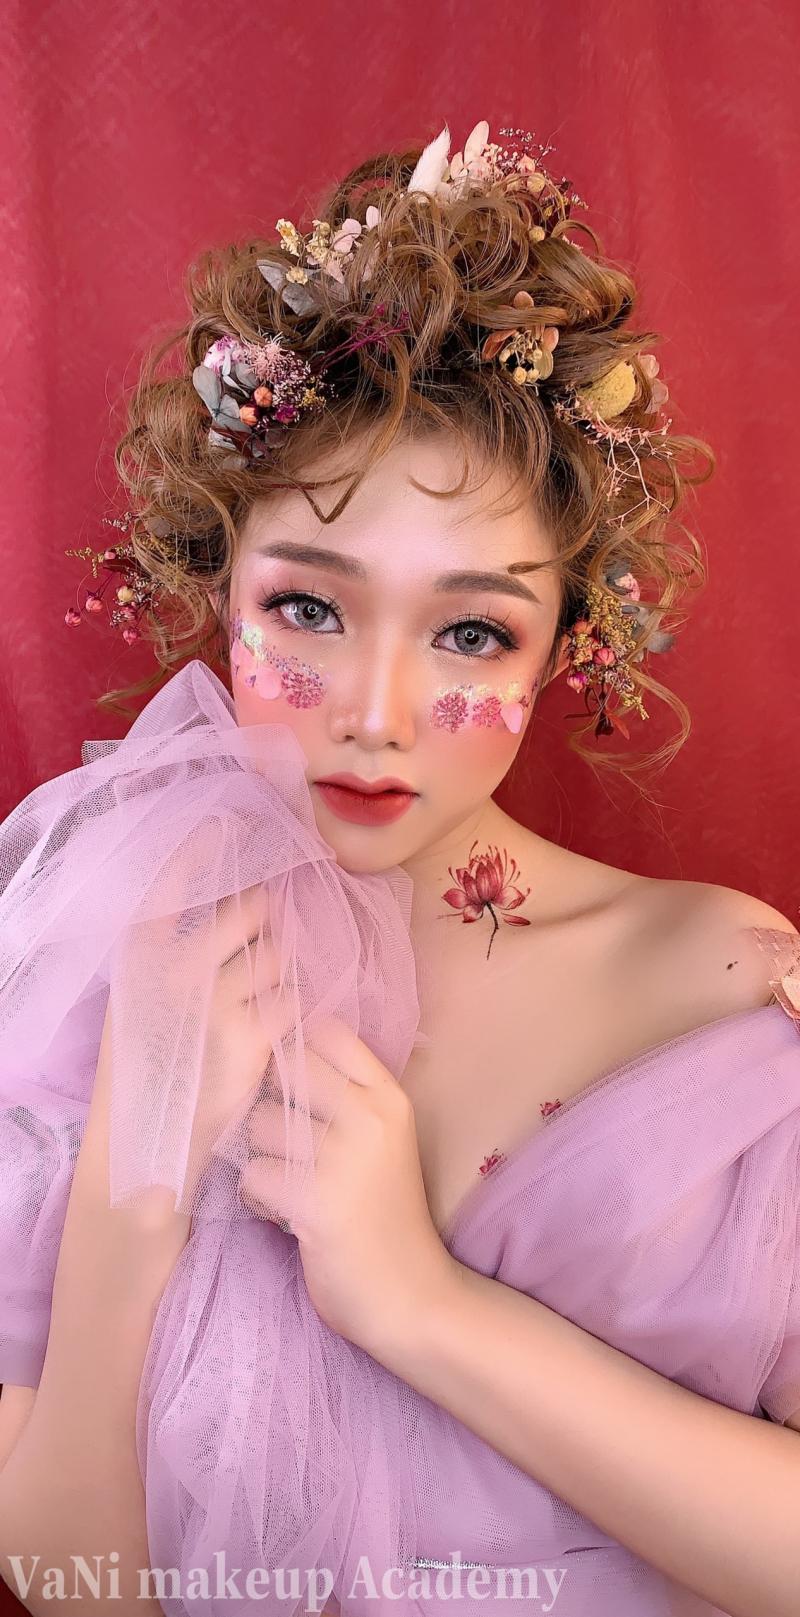 Bàn tay ma thuật của những chuyên viên make up sẽ khiến bạn phải bất ngờ đấy! Được đạo tào chuyên nghiệp và có gu thẩm mỹ cao, luôn đón đầu những xu hướng make up mới